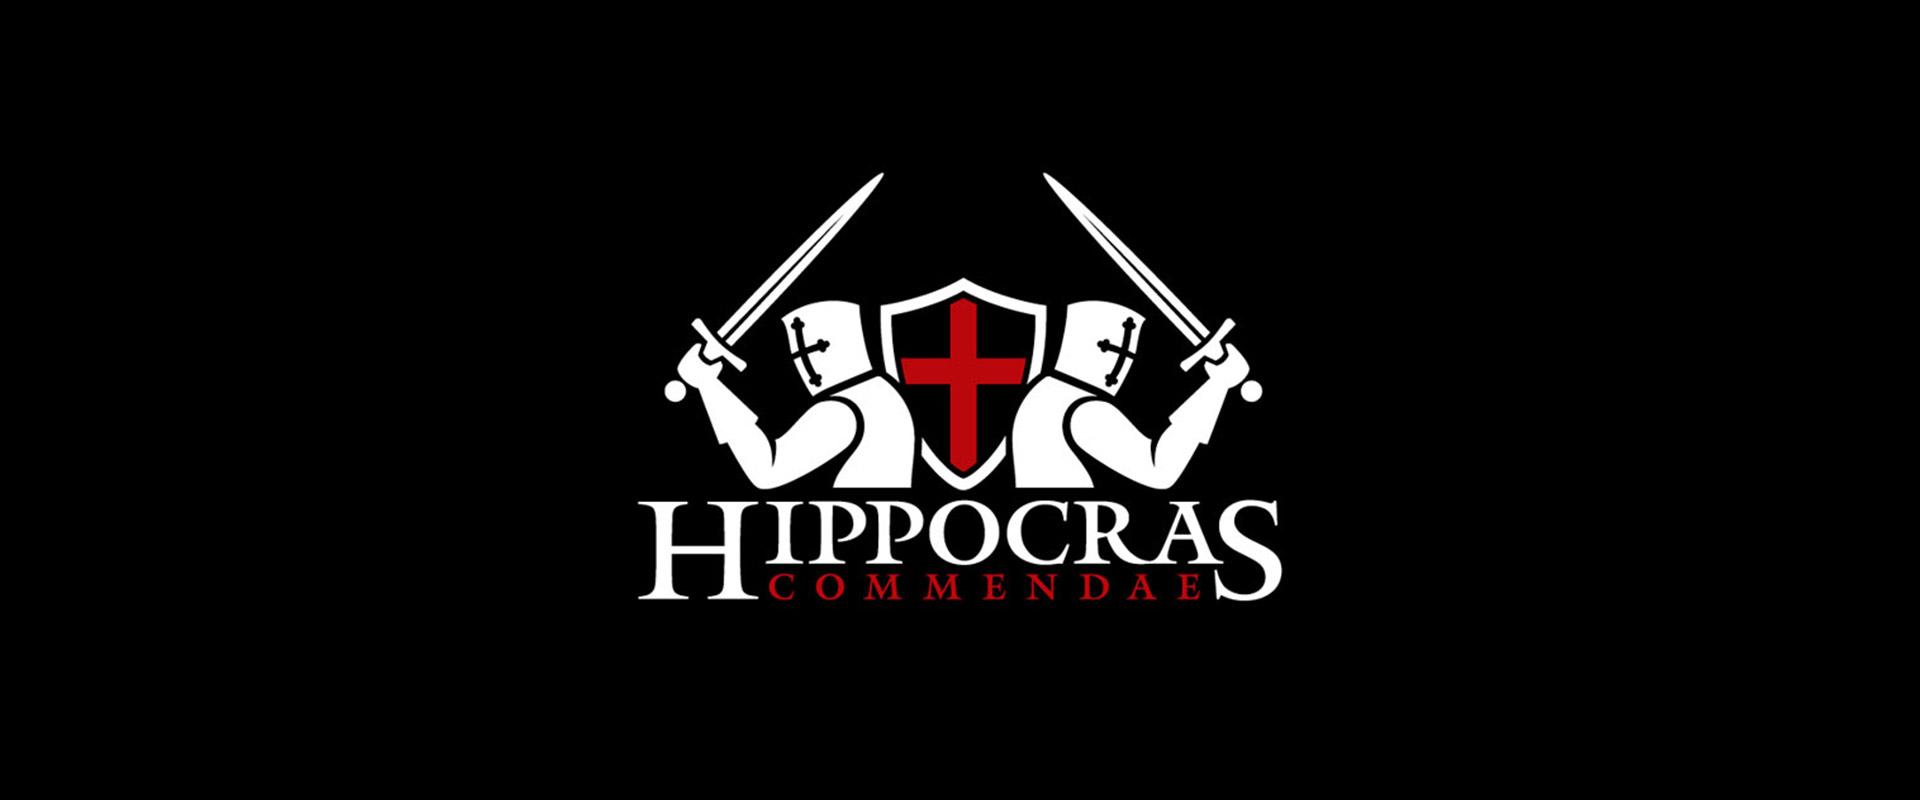 Hippocras-Commendae-Slide